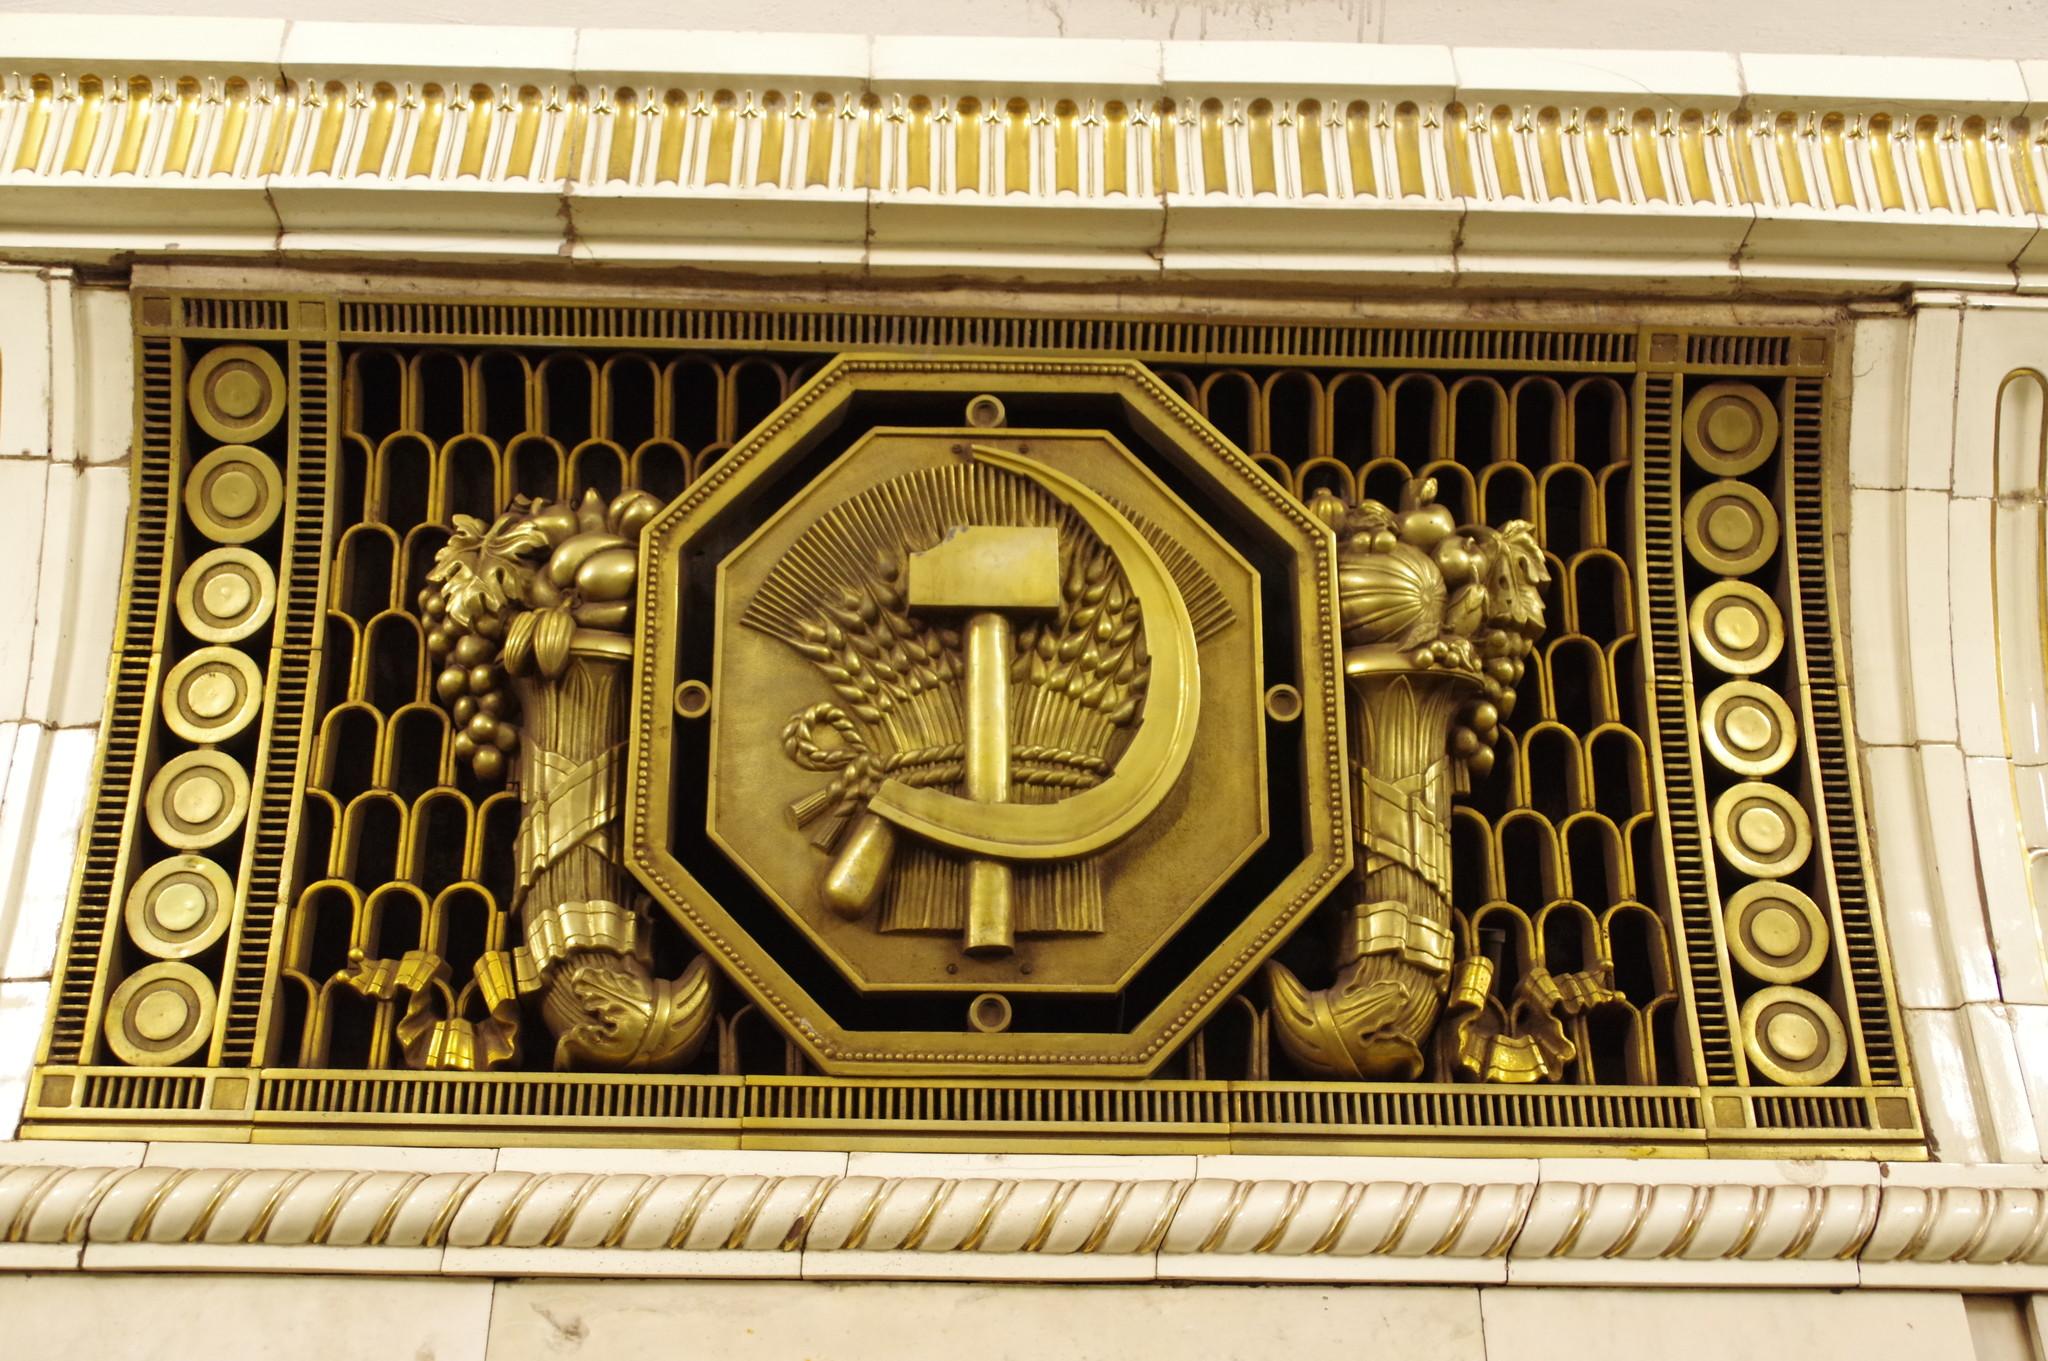 Вентиляционная решётка. Станция «Проспект Мира» Кольцевой линии